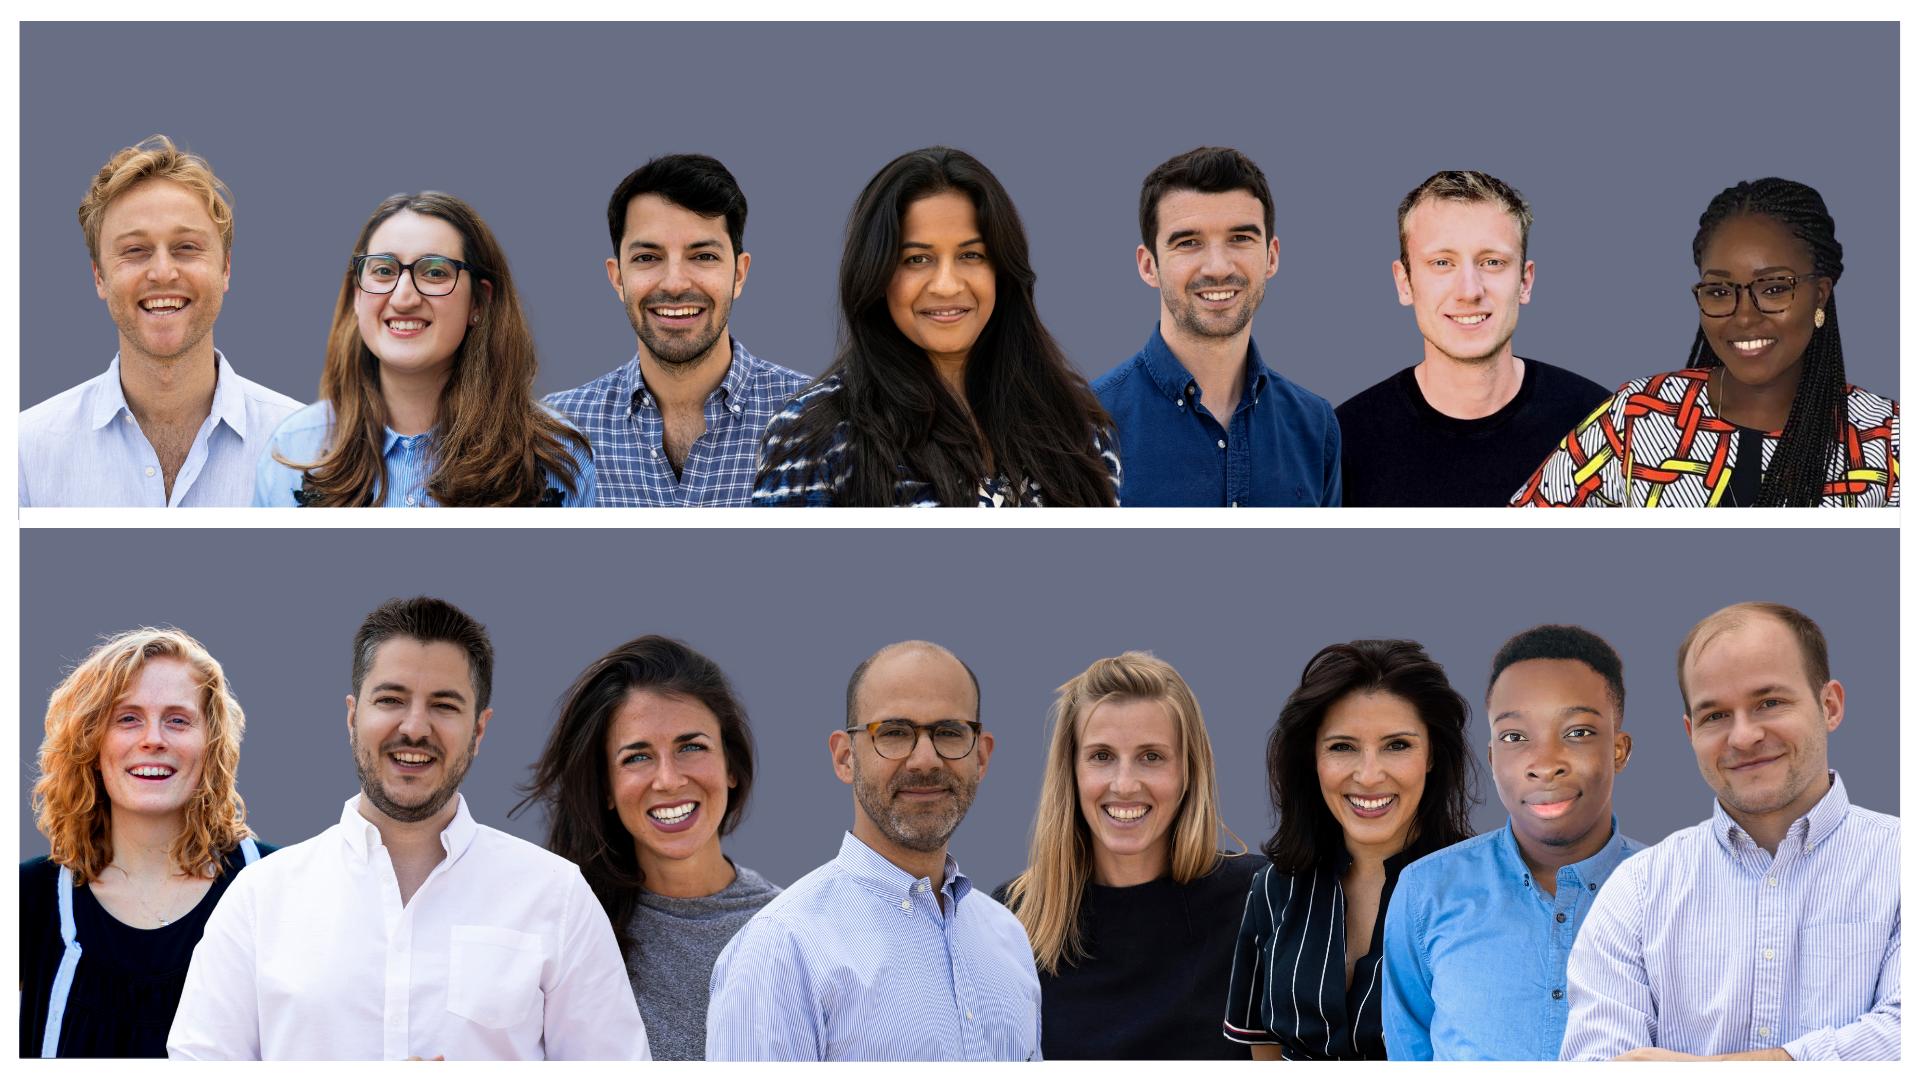 Seed investor Seedcamp team